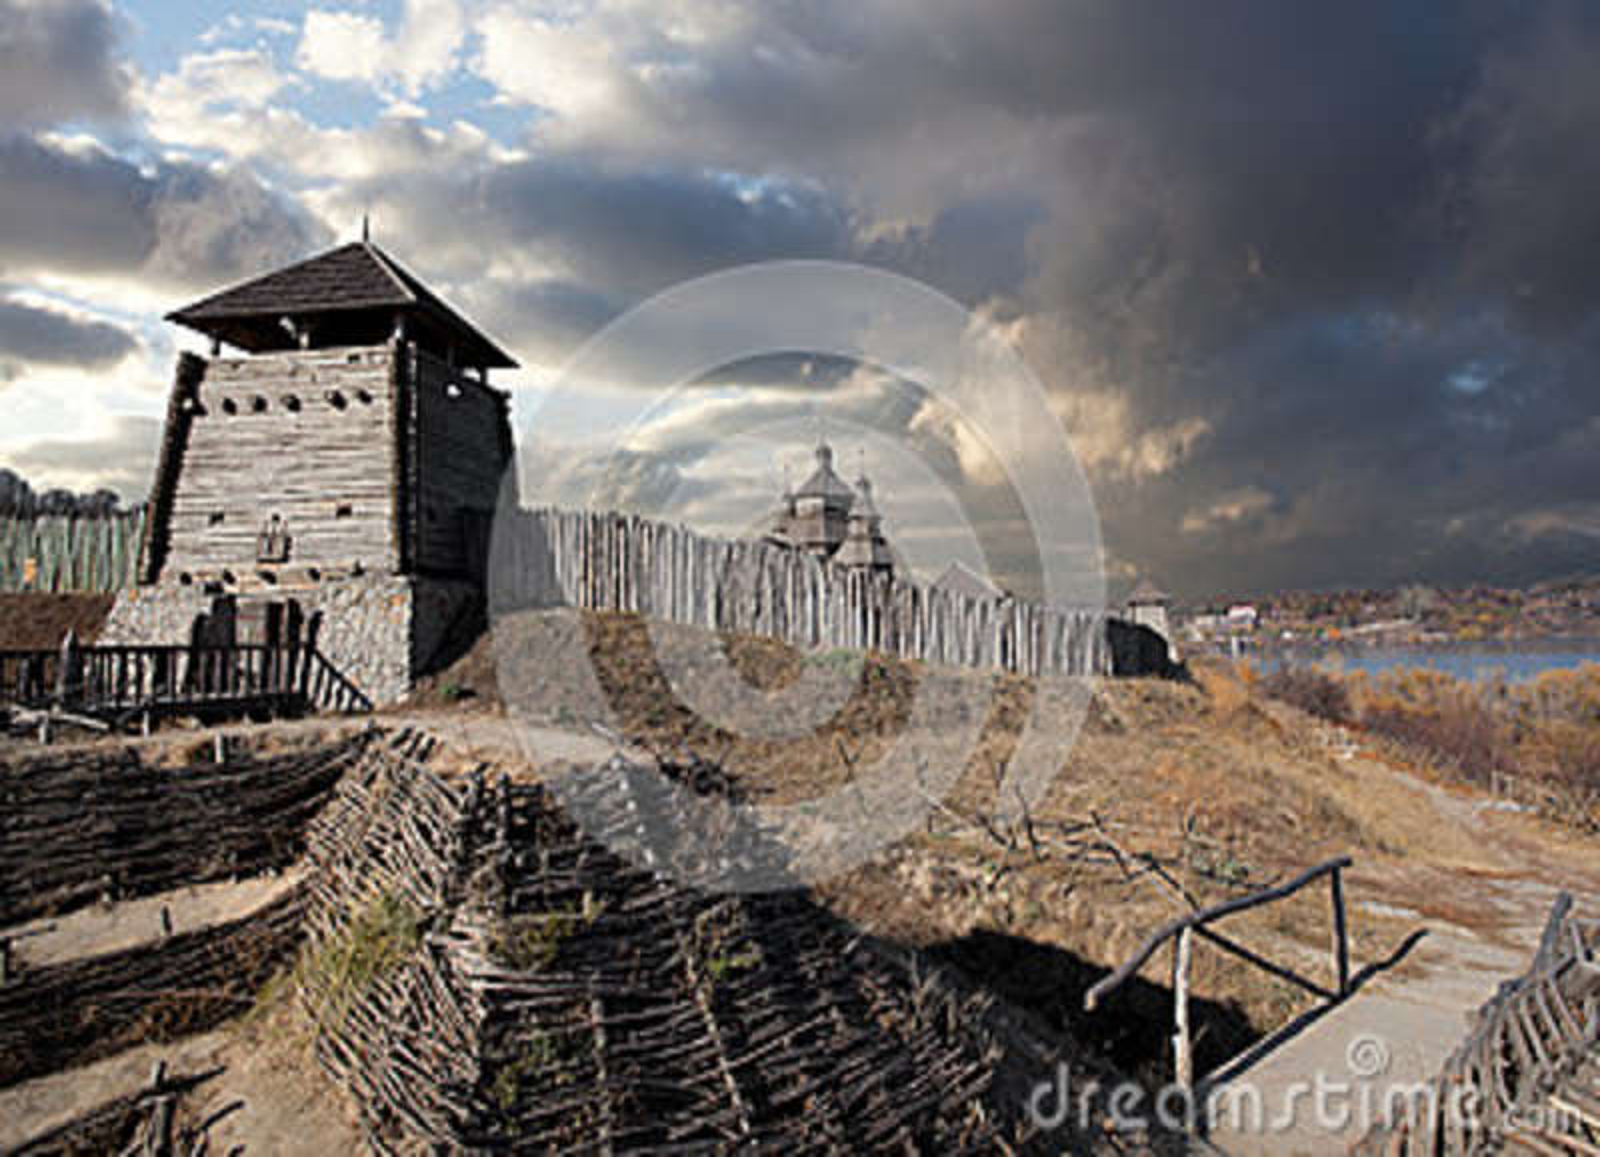 Ukraine zaporozhye